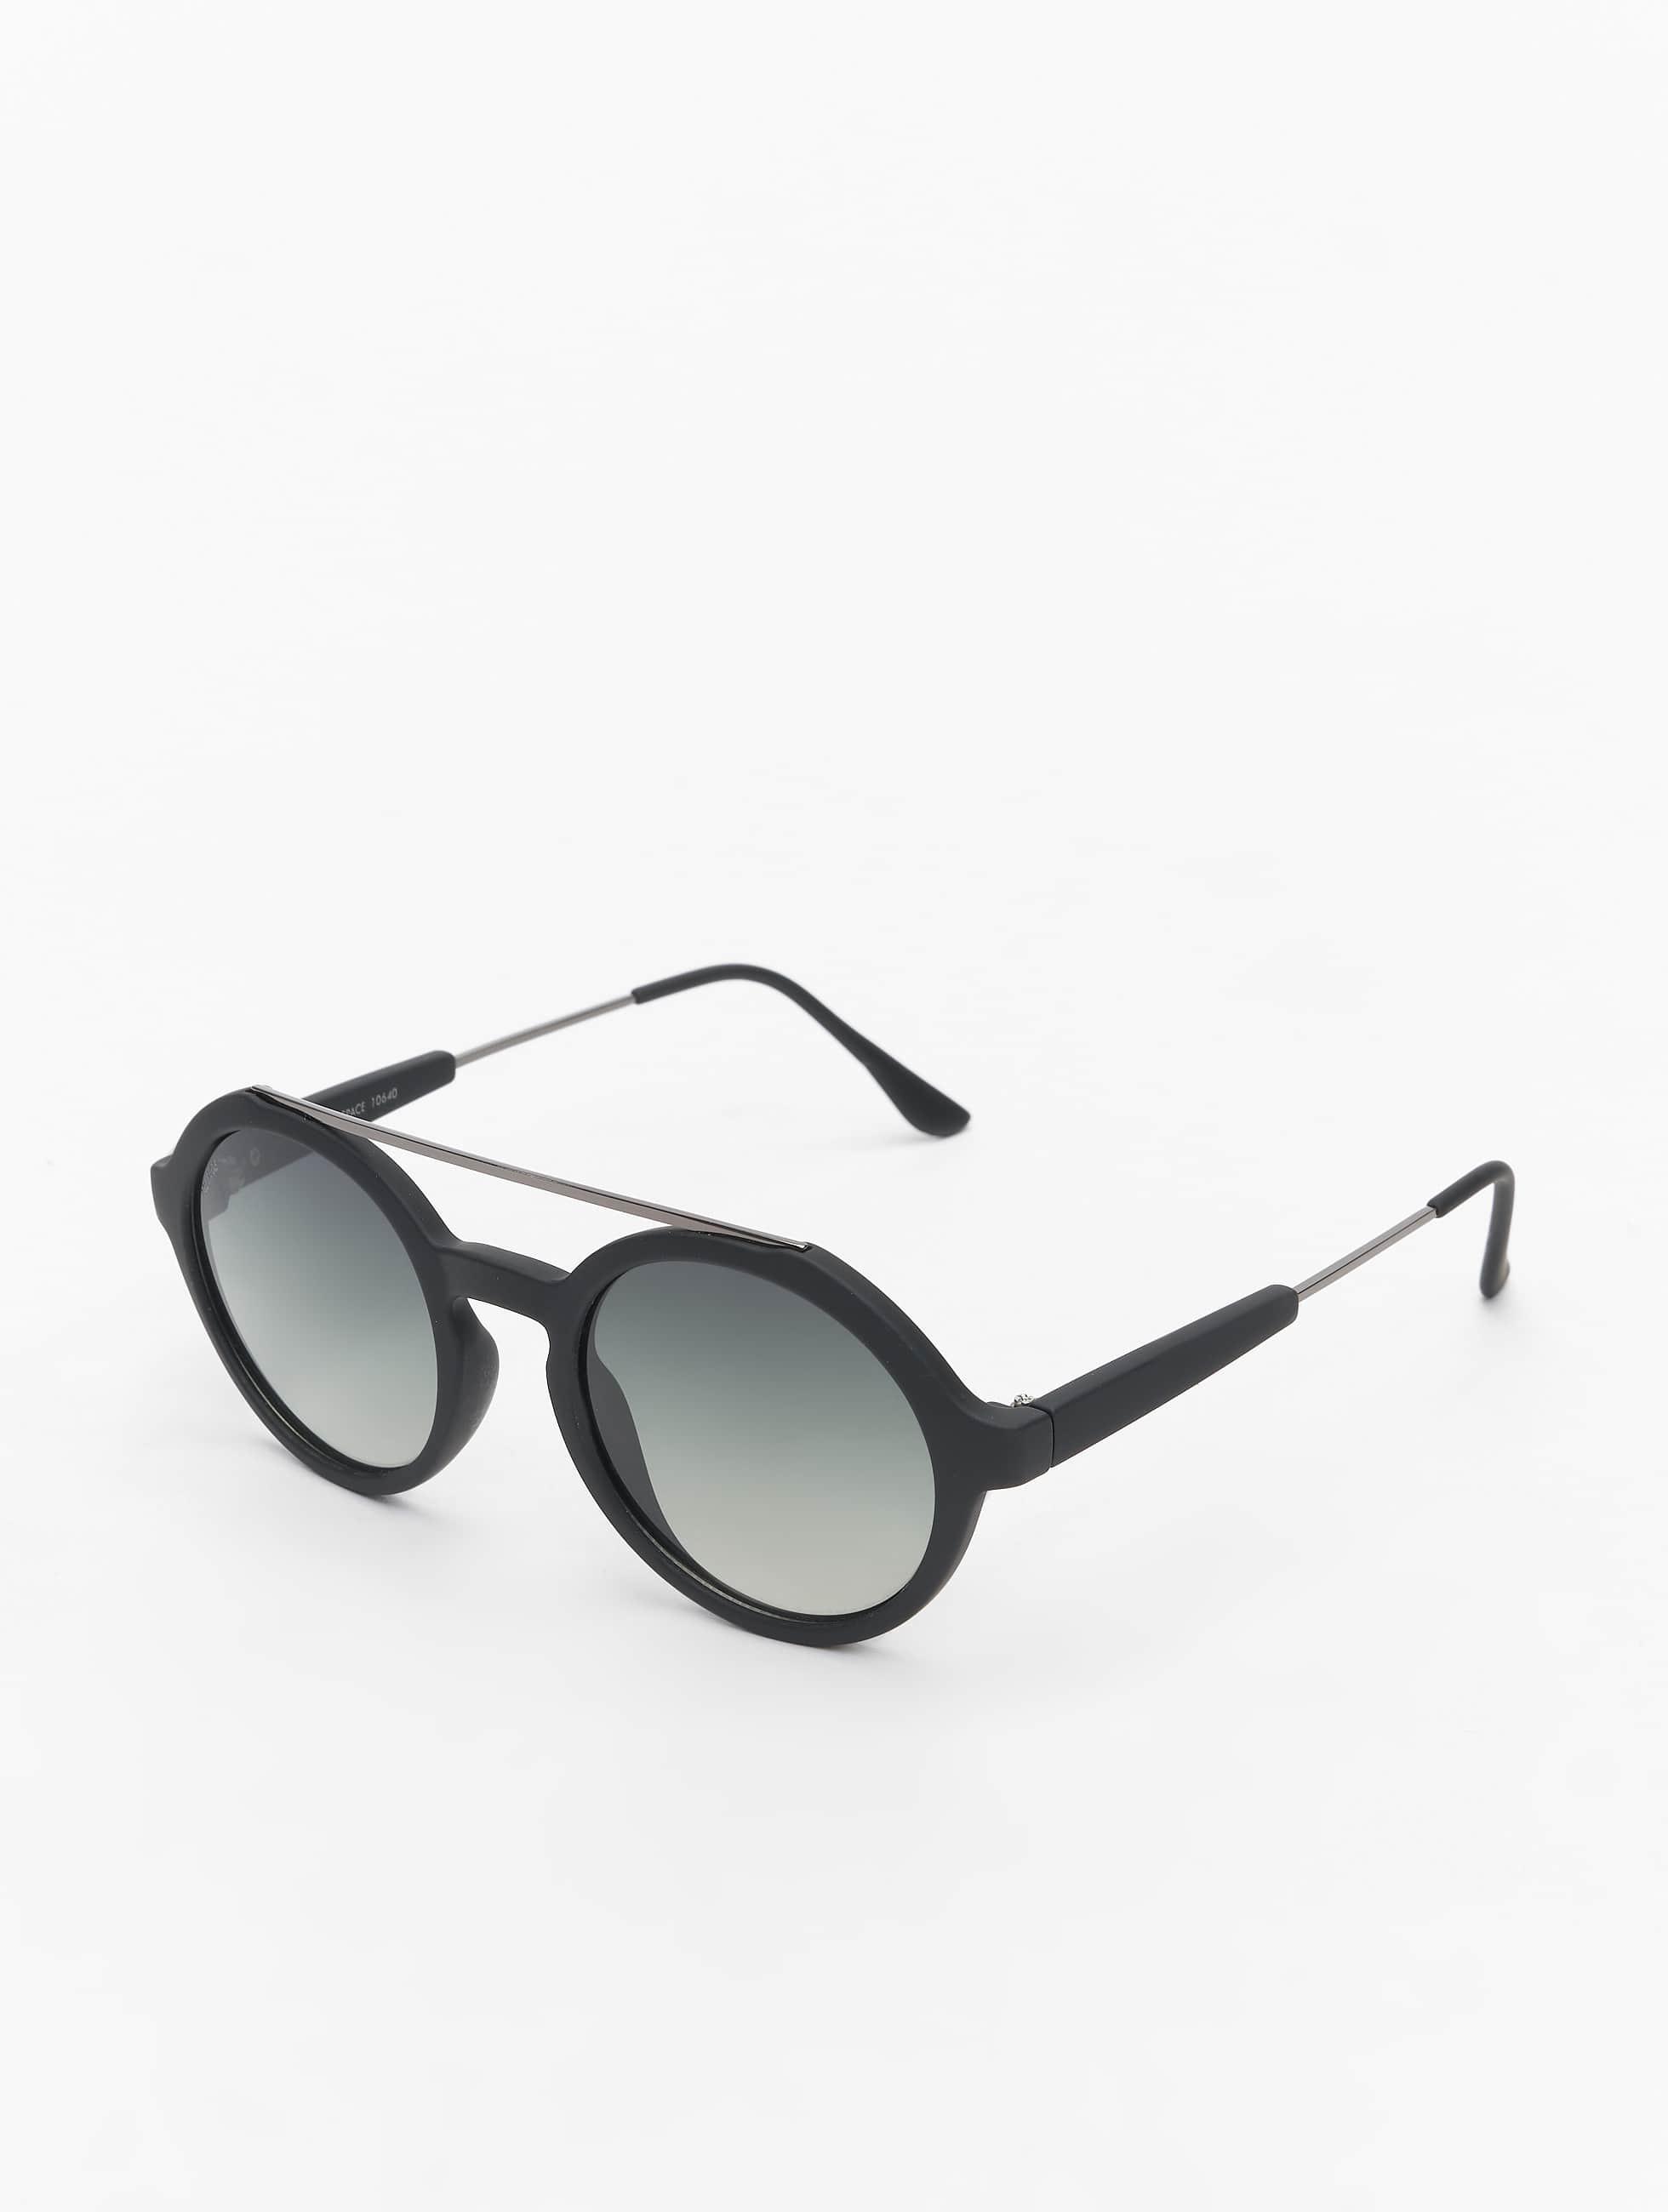 Sonnenbrille Retro Space Polarized Mirror in schwarz